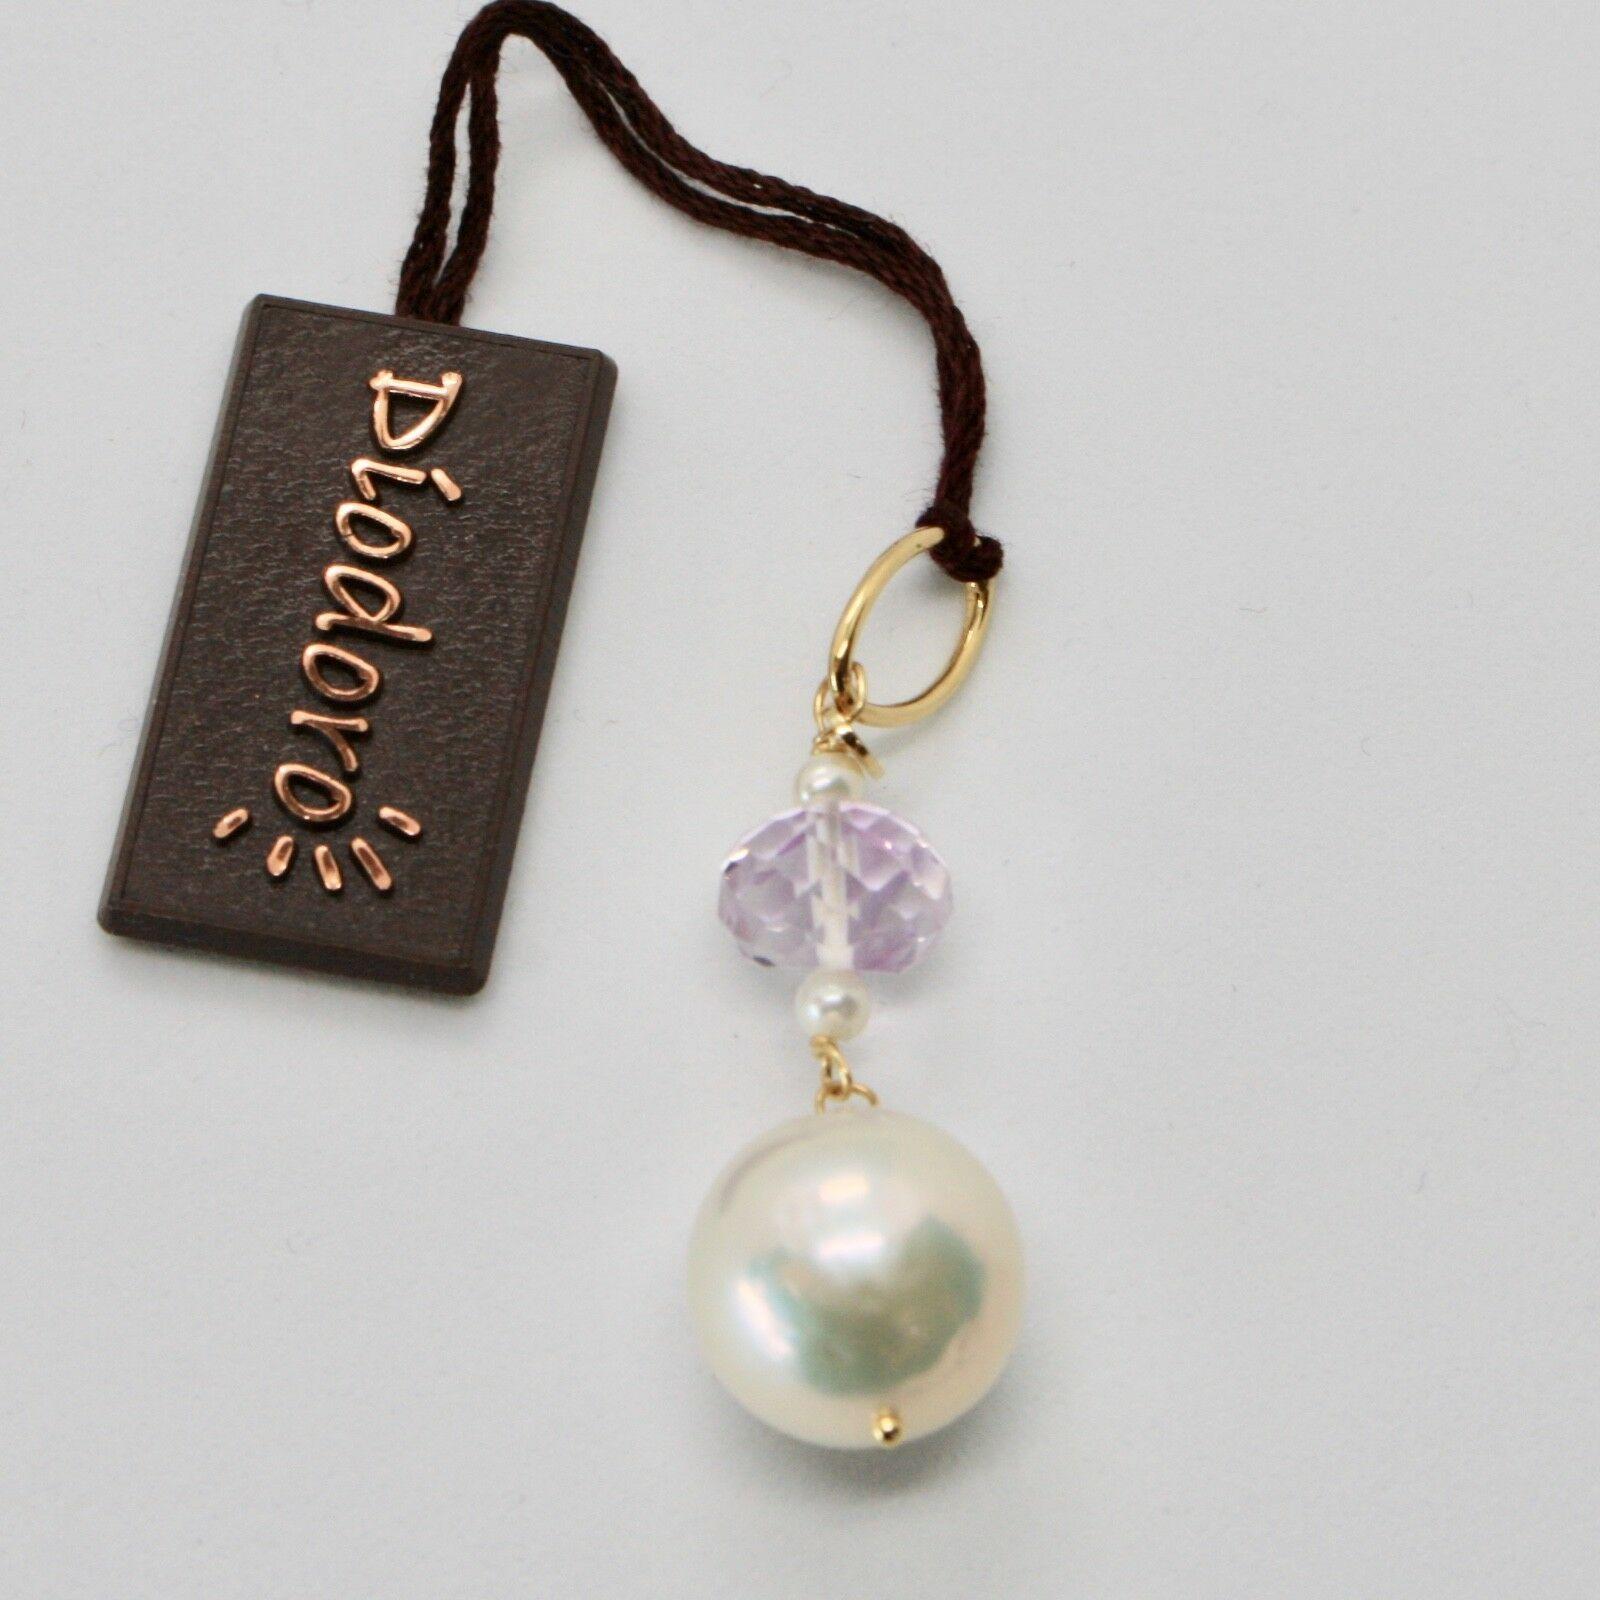 Pendentif en or Jaune 18 Kt avec Perle Blanc de Eau Douce et Améthyste Rose